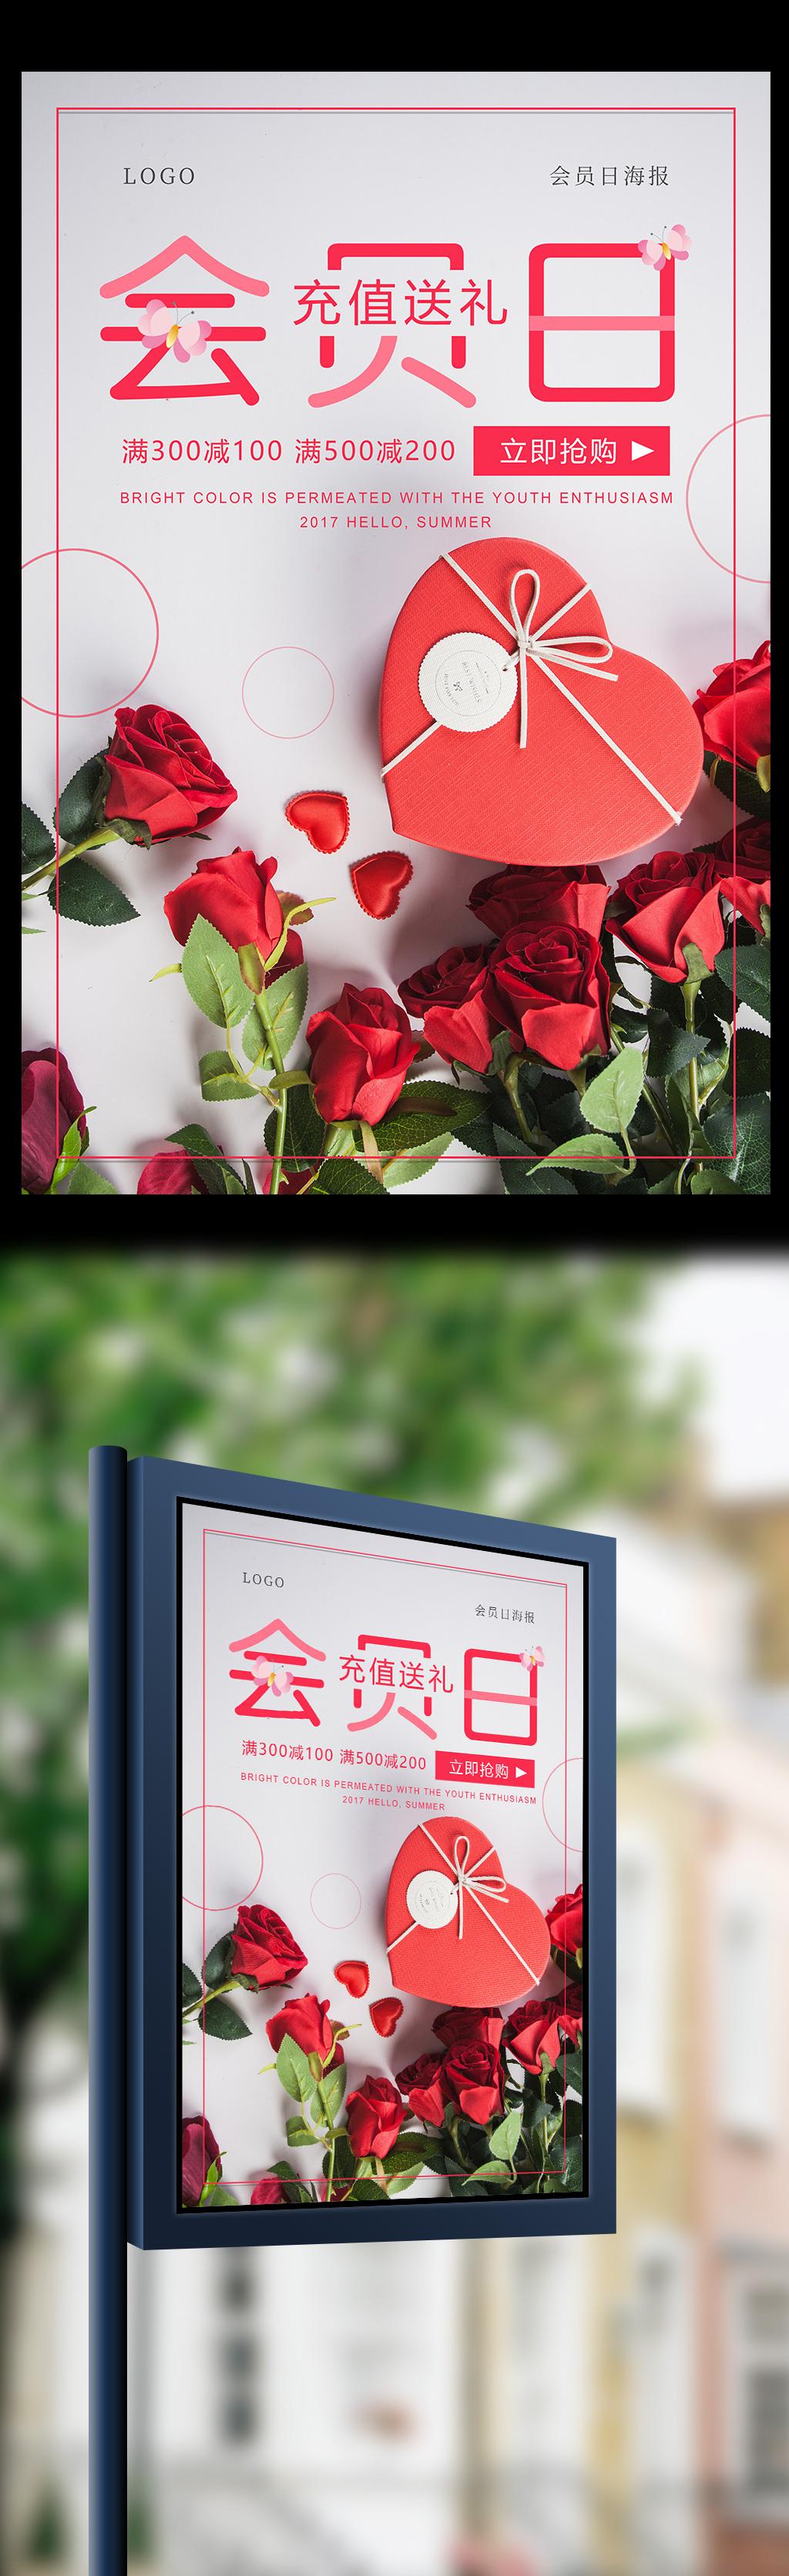 平面|广告设计 海报设计 pop海报 > 会员日充值送礼鲜花促销海报设计